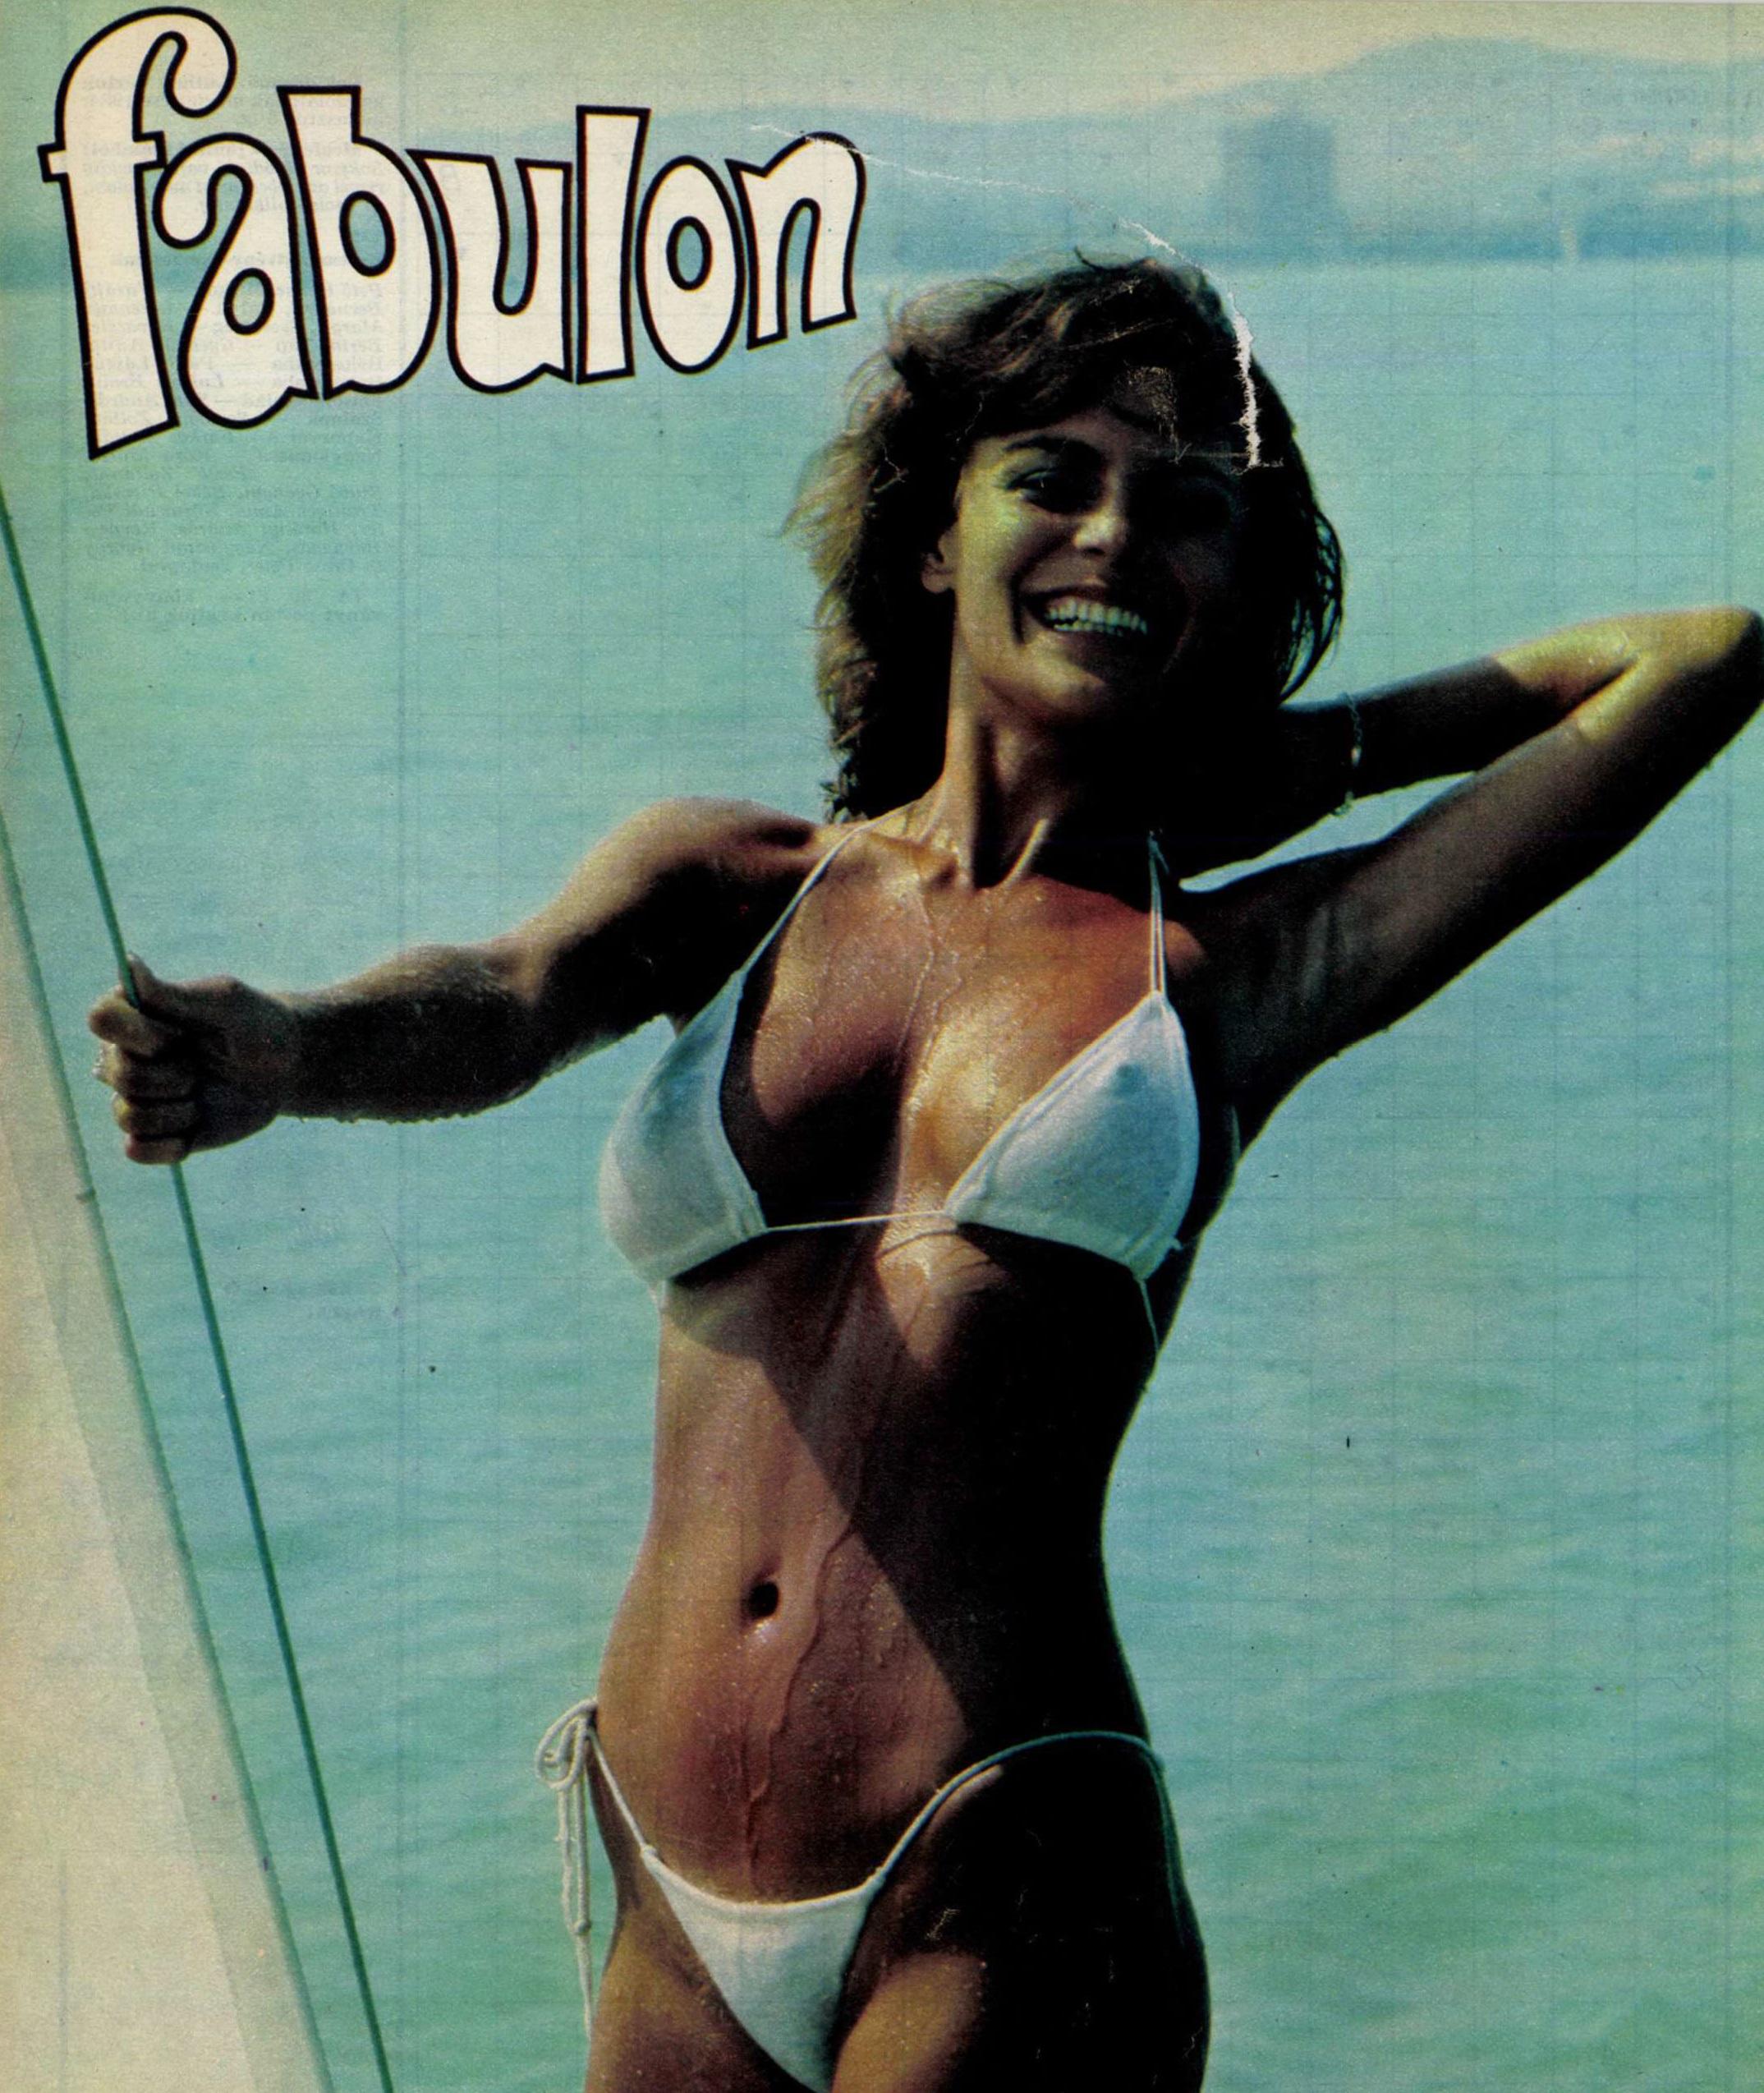 idokapszula_nb_i_1983_84_tavaszi_zaras_az_nb_ii_es_a_harmadik_vonal_reklam_3.jpg